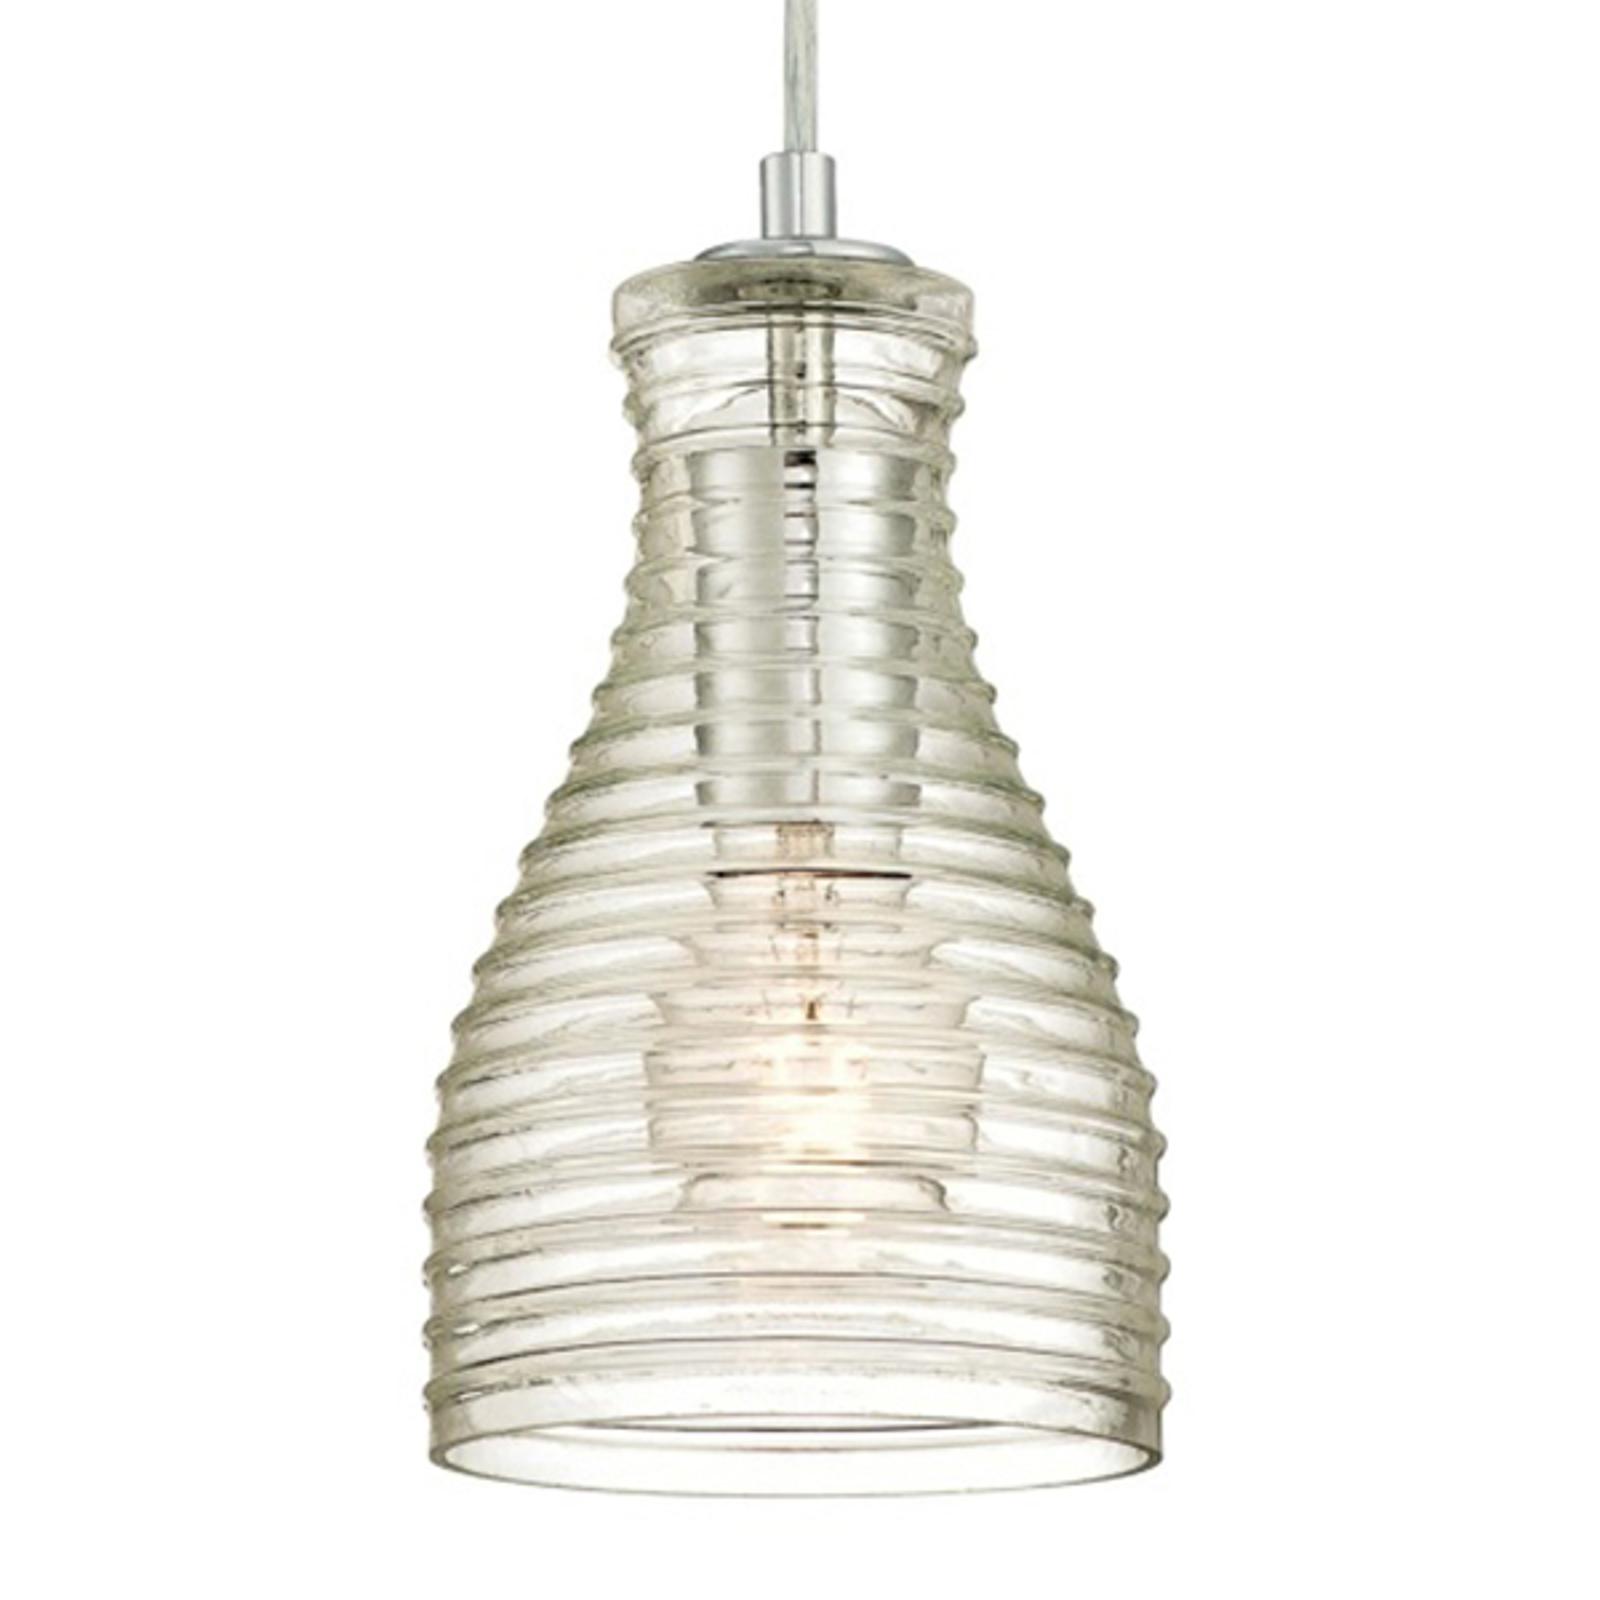 Westinghouse lampa wisząca 6329240, faliste szkło